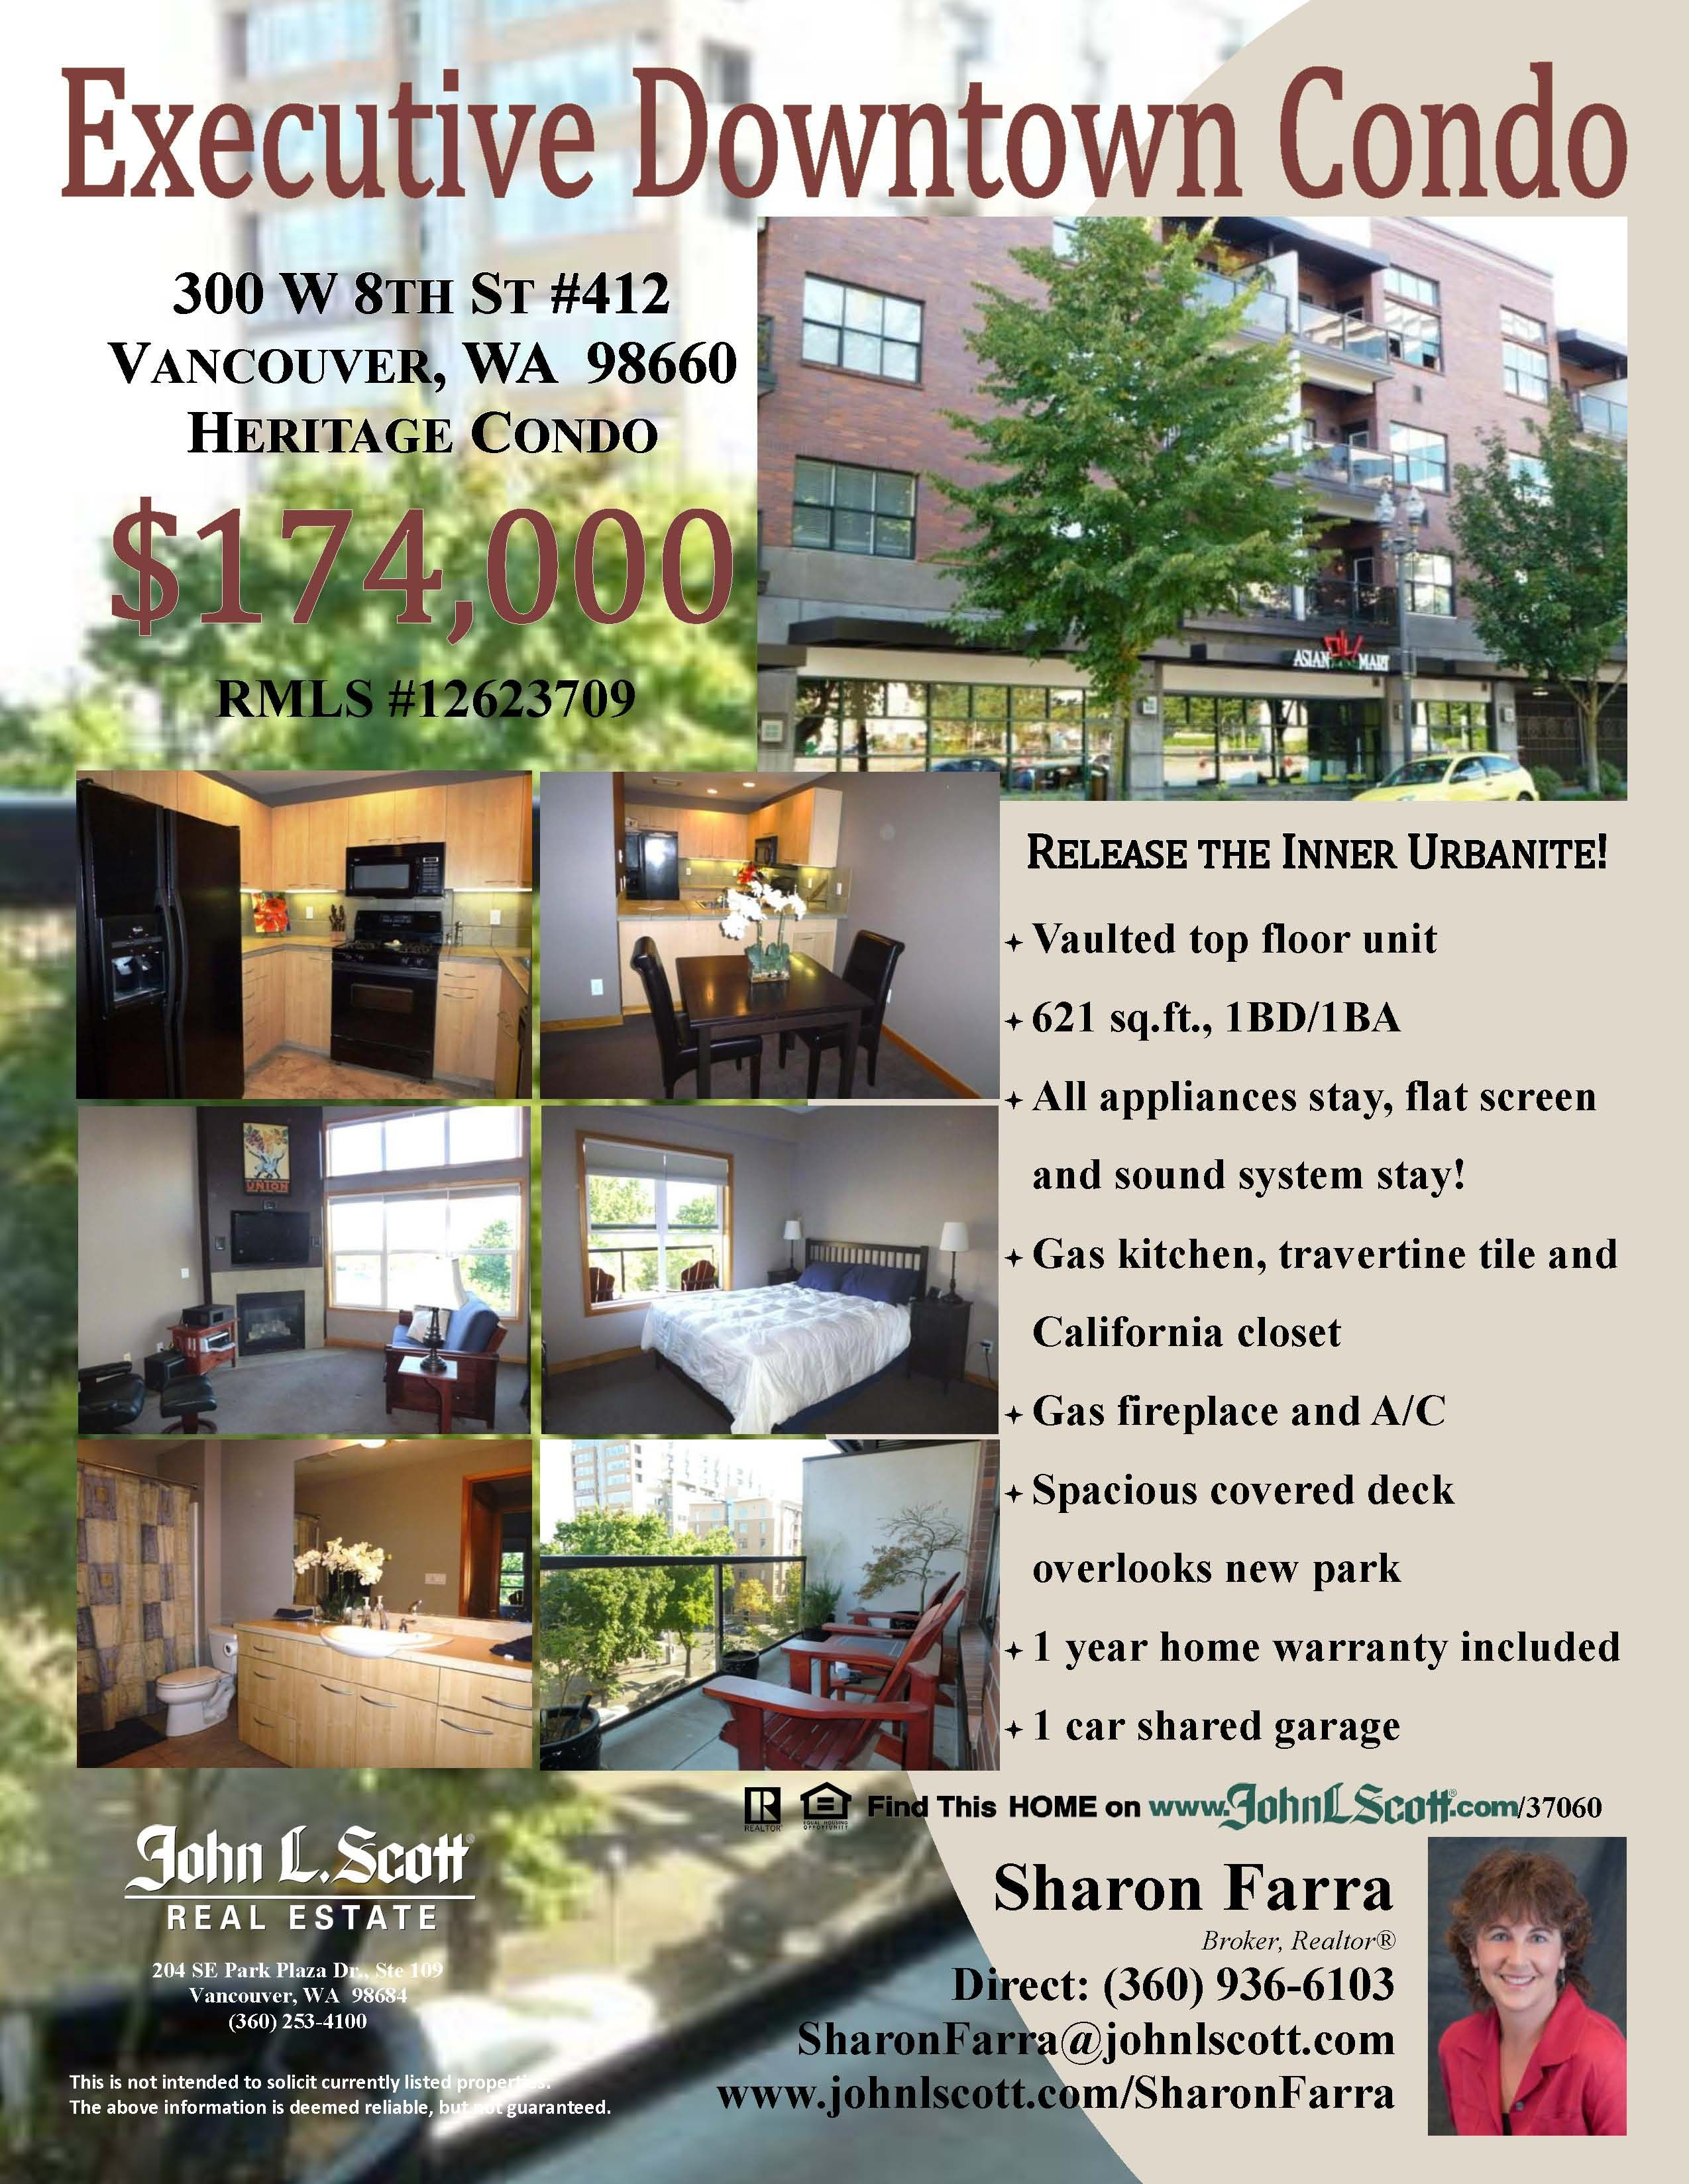 For Sale 174 000 1 Bd 1 Ba Executive Downtown View Condo